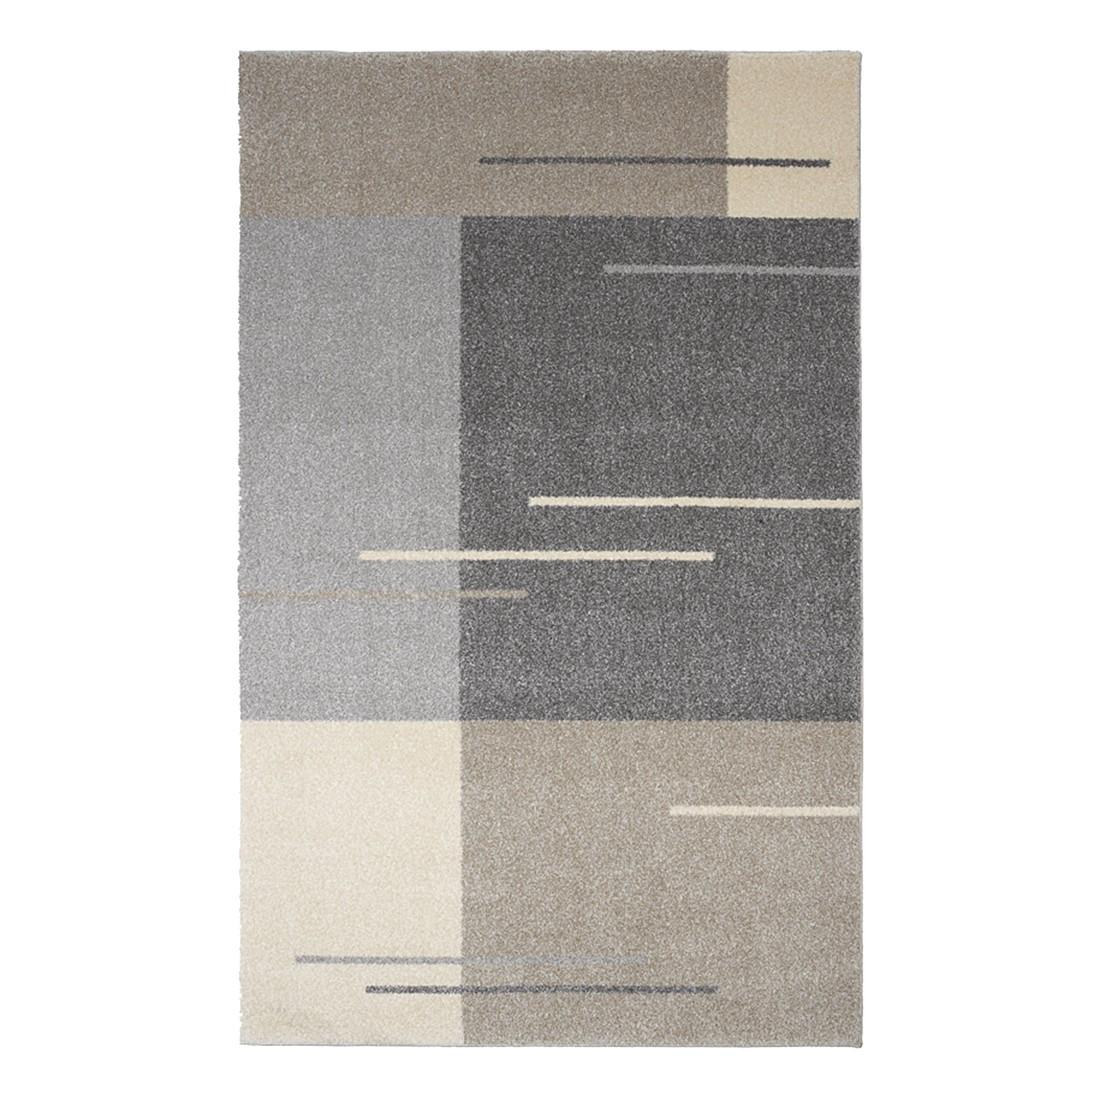 teppich samoa ii beige 160 x 230 cm astra g nstig. Black Bedroom Furniture Sets. Home Design Ideas